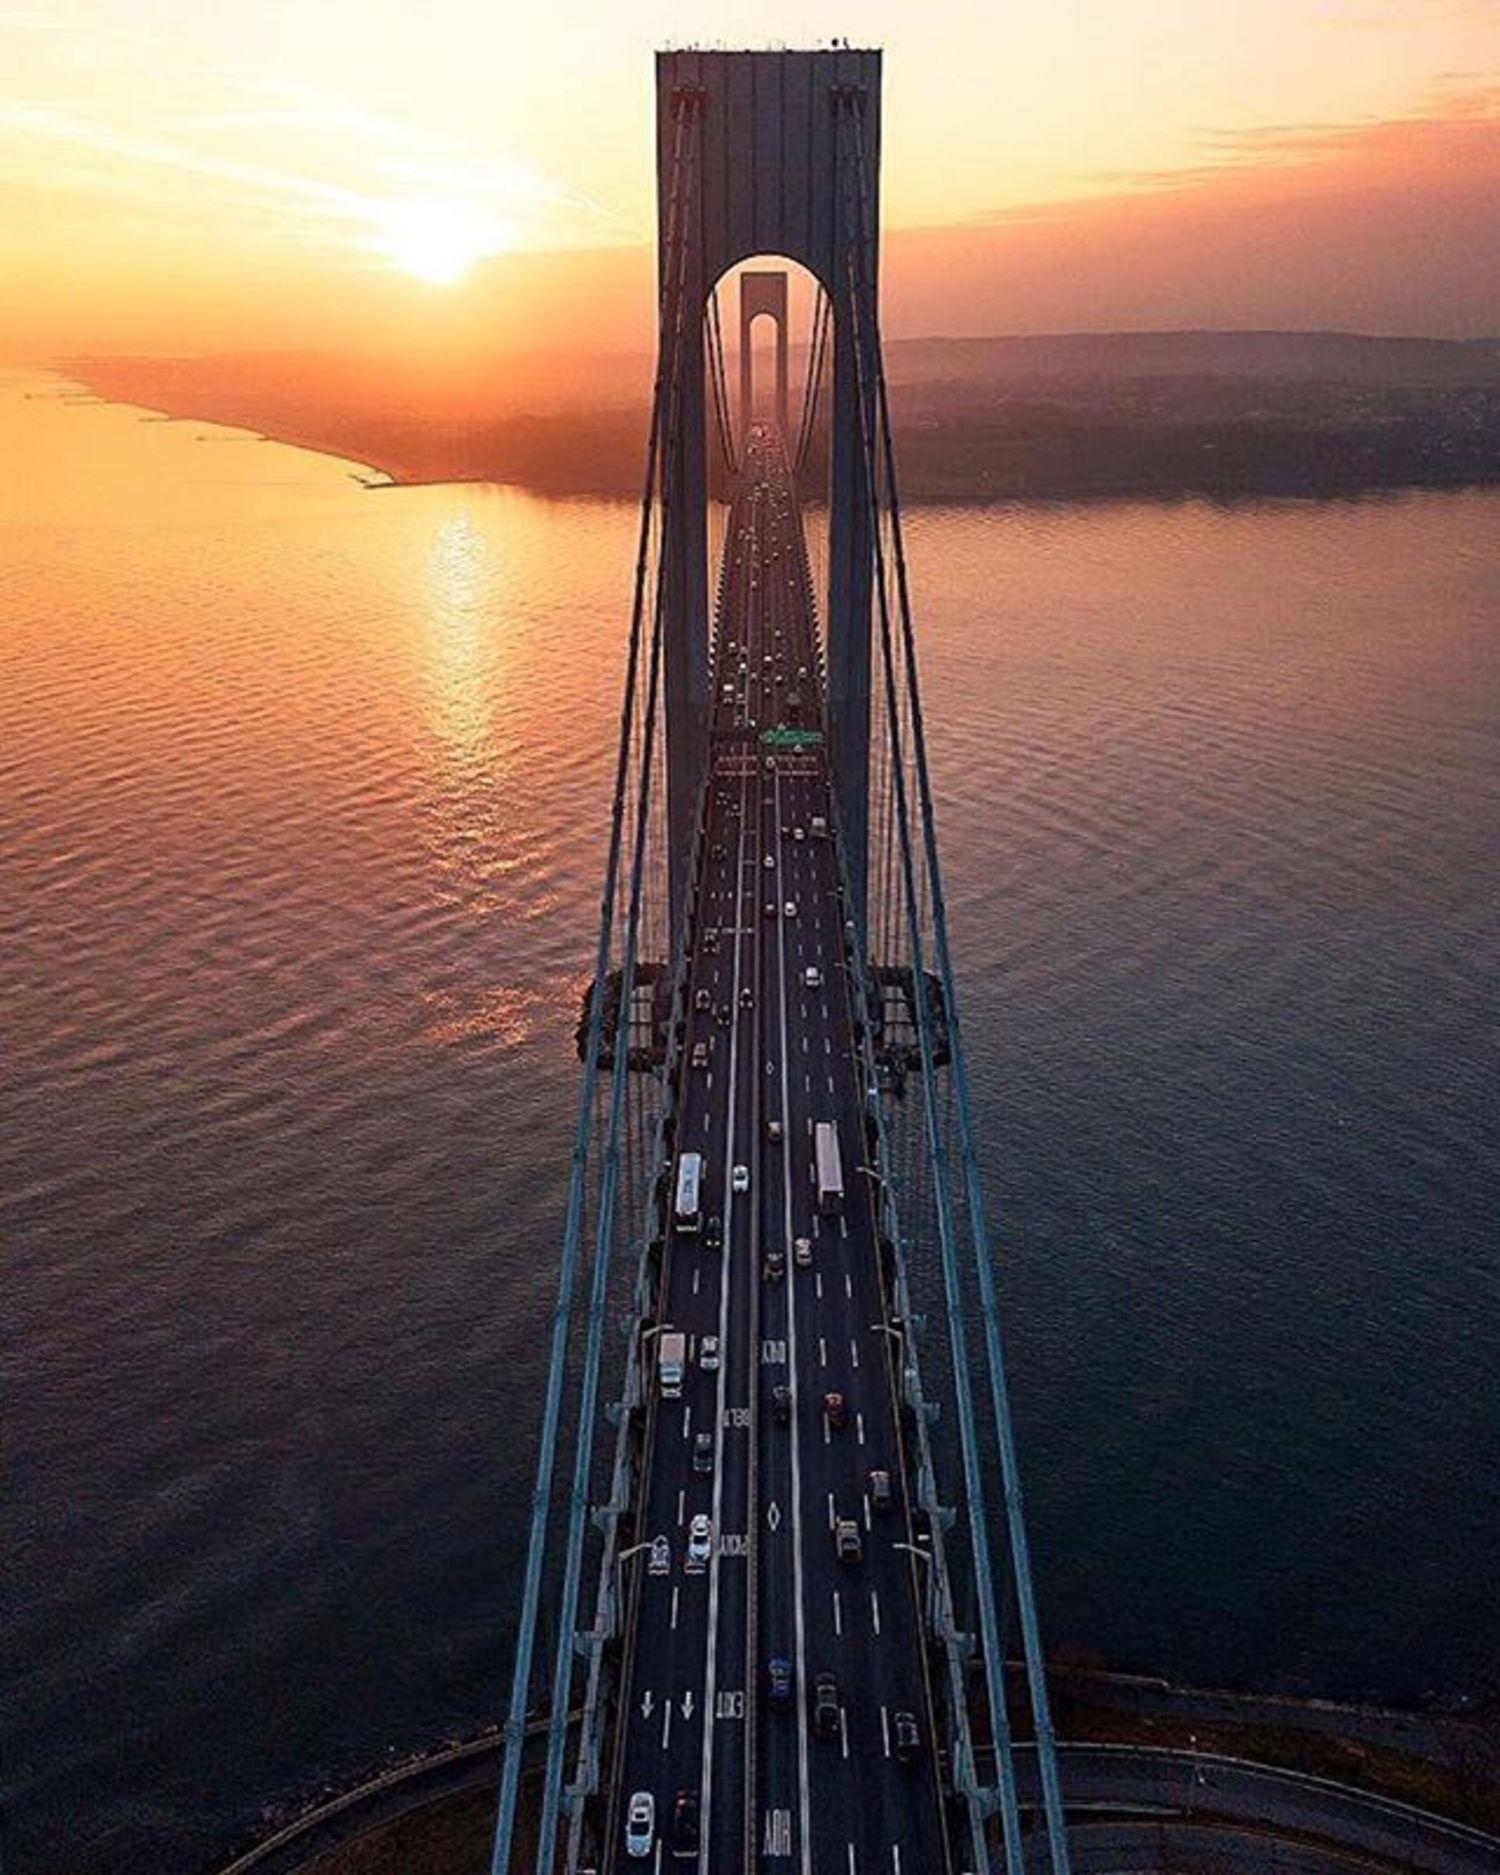 Verrazano Bridge, New York. Photo via @zura.nyc #viewingnyc #newyork #newyorkcity #nyc #verrazanobridge